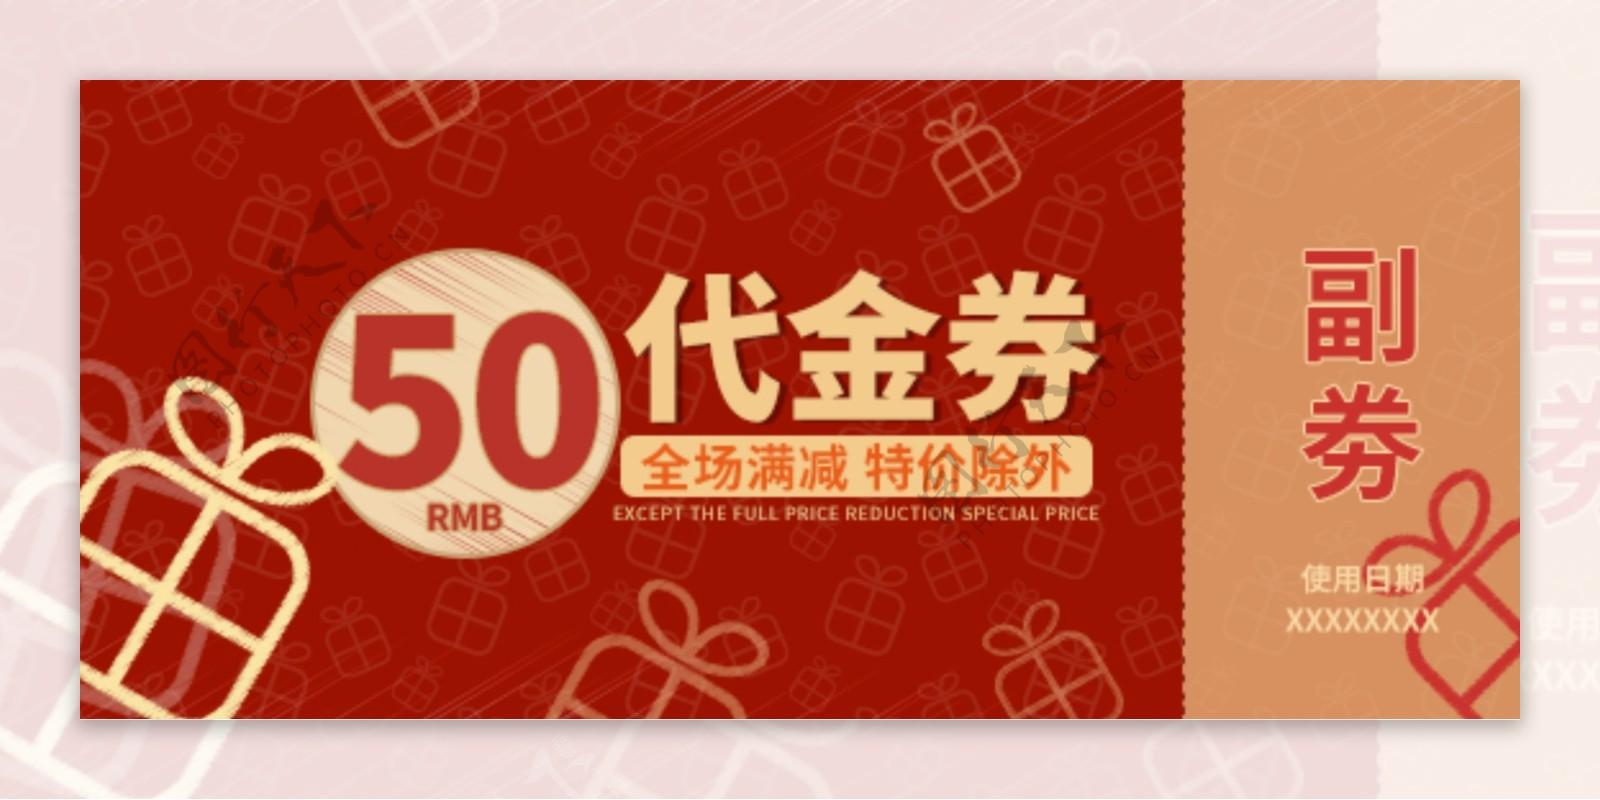 红色礼包商场超市代金券促销优惠券